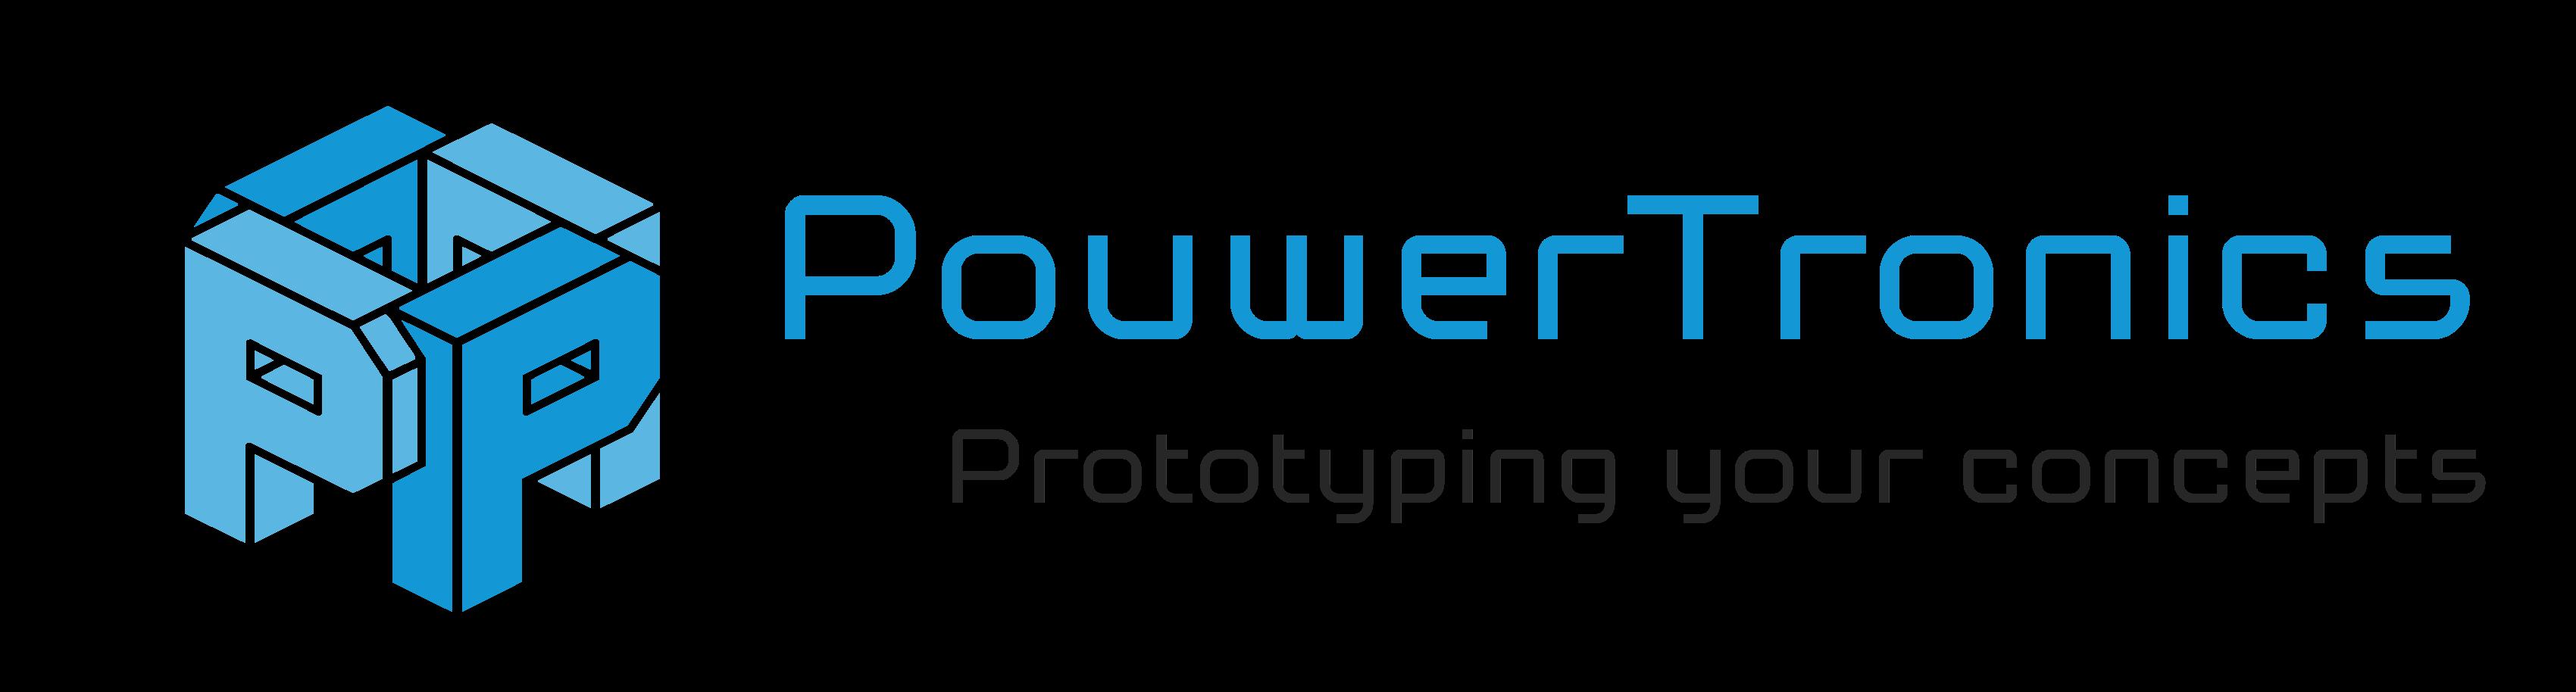 PouwerTronics